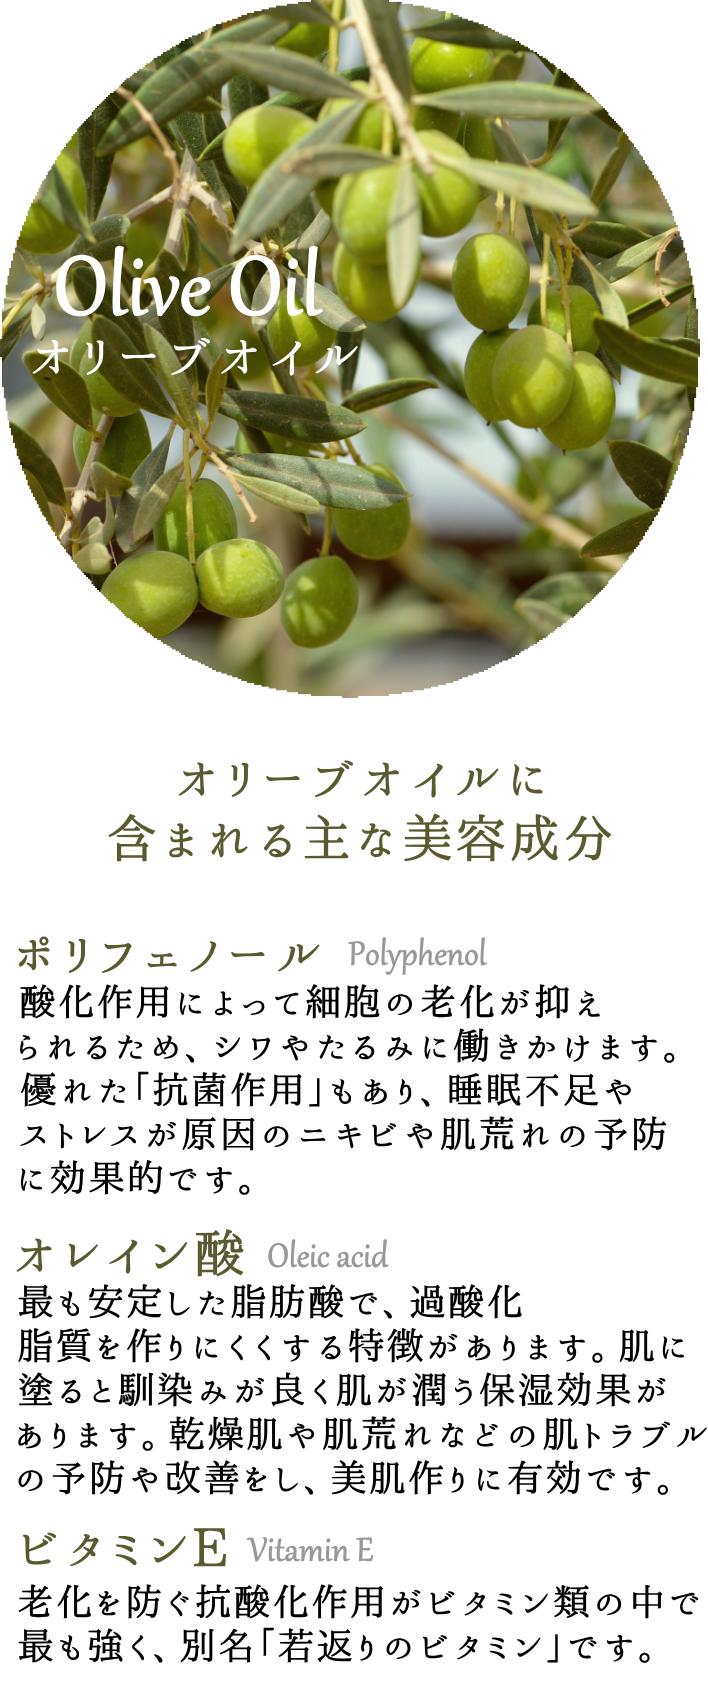 ナーブルスソープ – オリーブオイルに含まれる主な美容成分